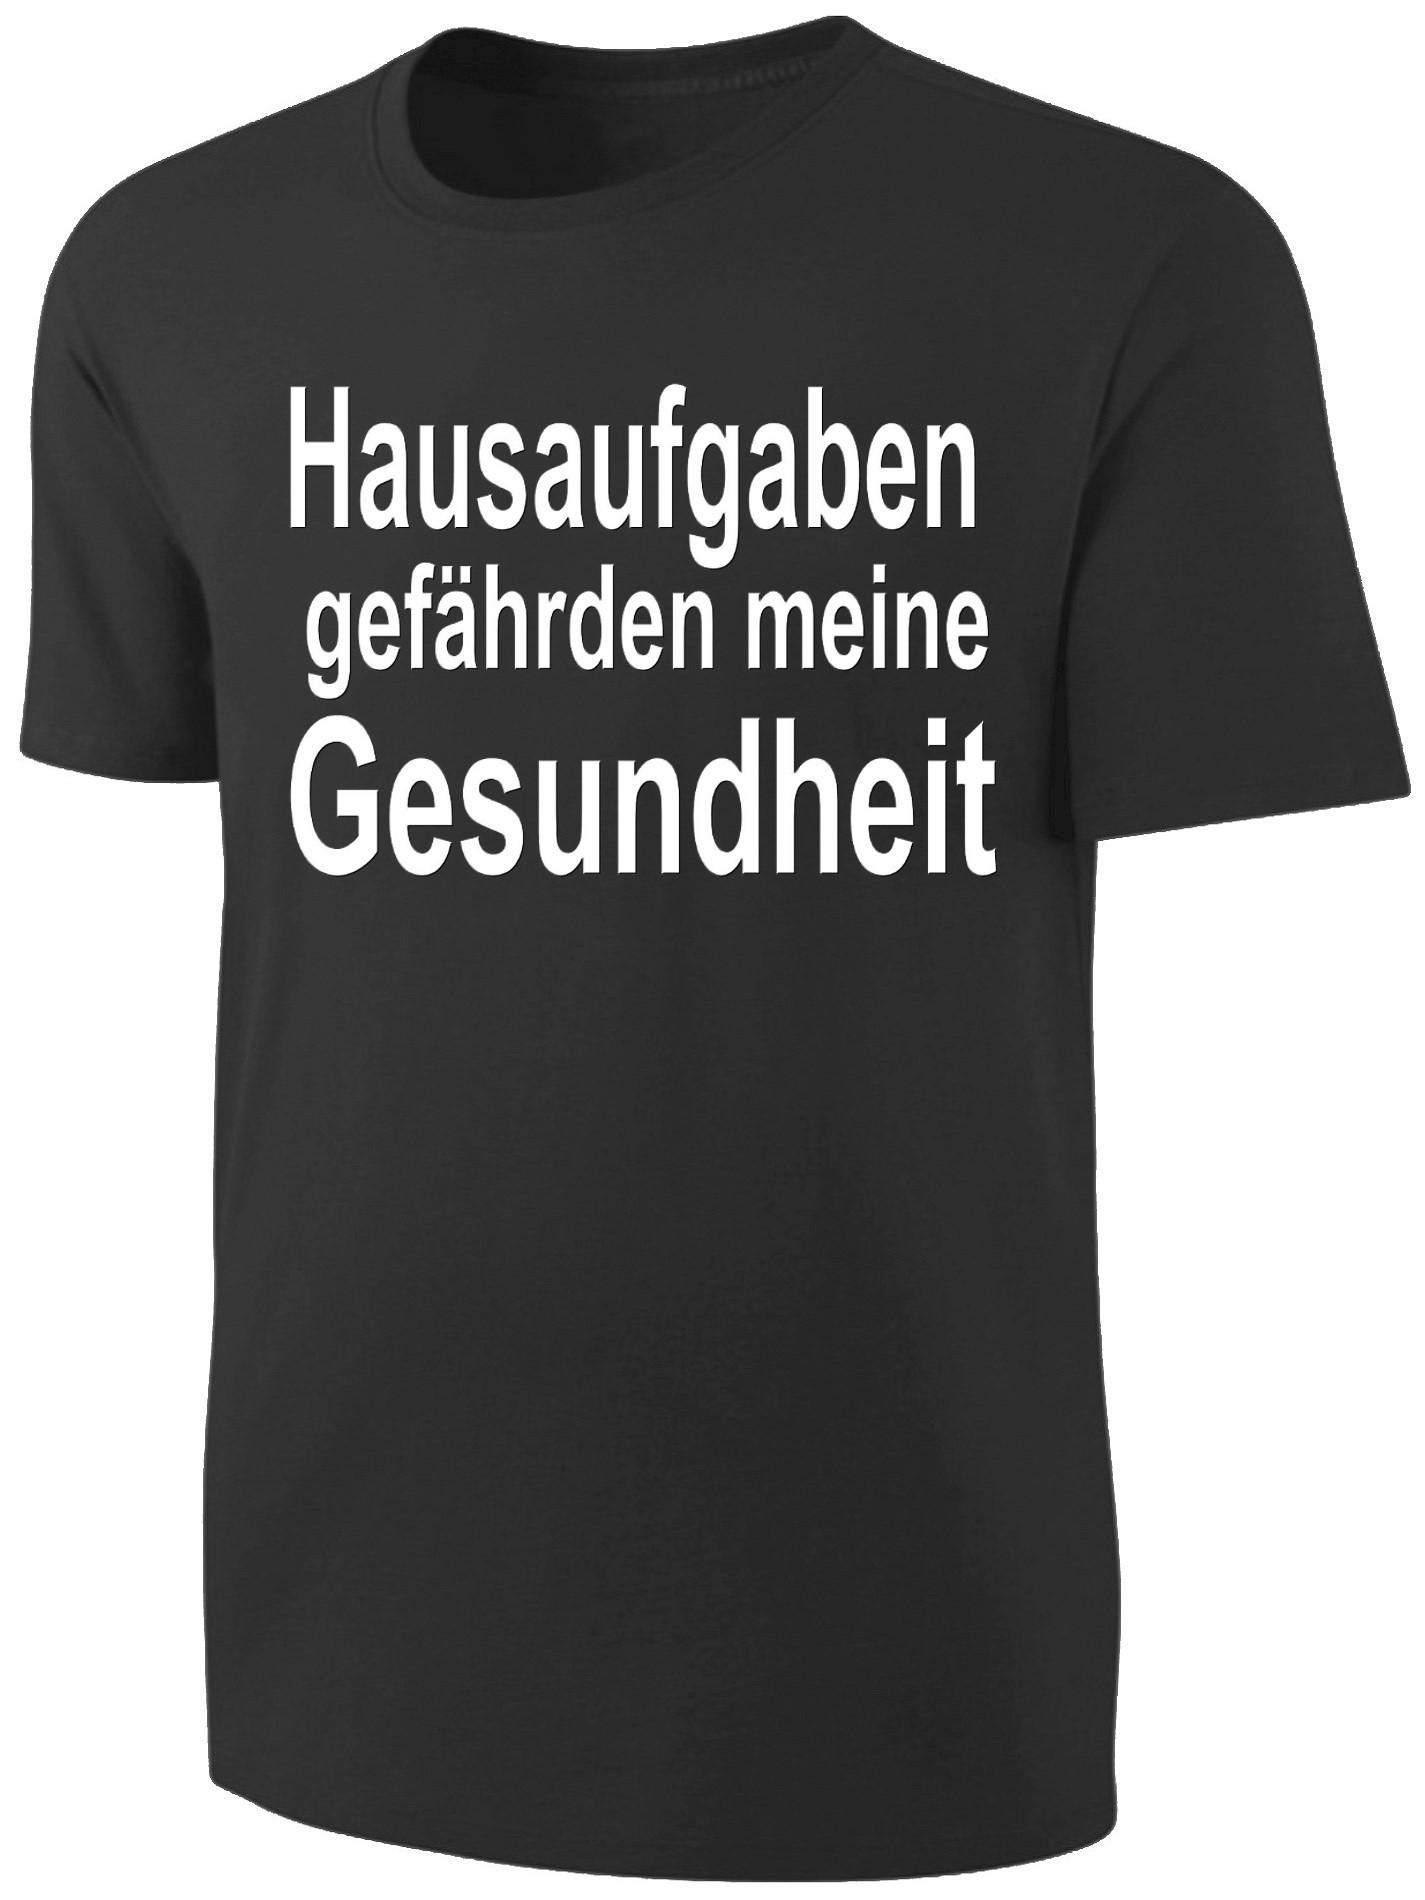 Full Size of Blackshirt Company Lustige Fun Sprche T Shirt Wandsprüche T Shirt Sprüche Wandtattoos Bettwäsche Jutebeutel Für Die Küche Junggesellinnenabschied Küche Lustige T Shirt Sprüche